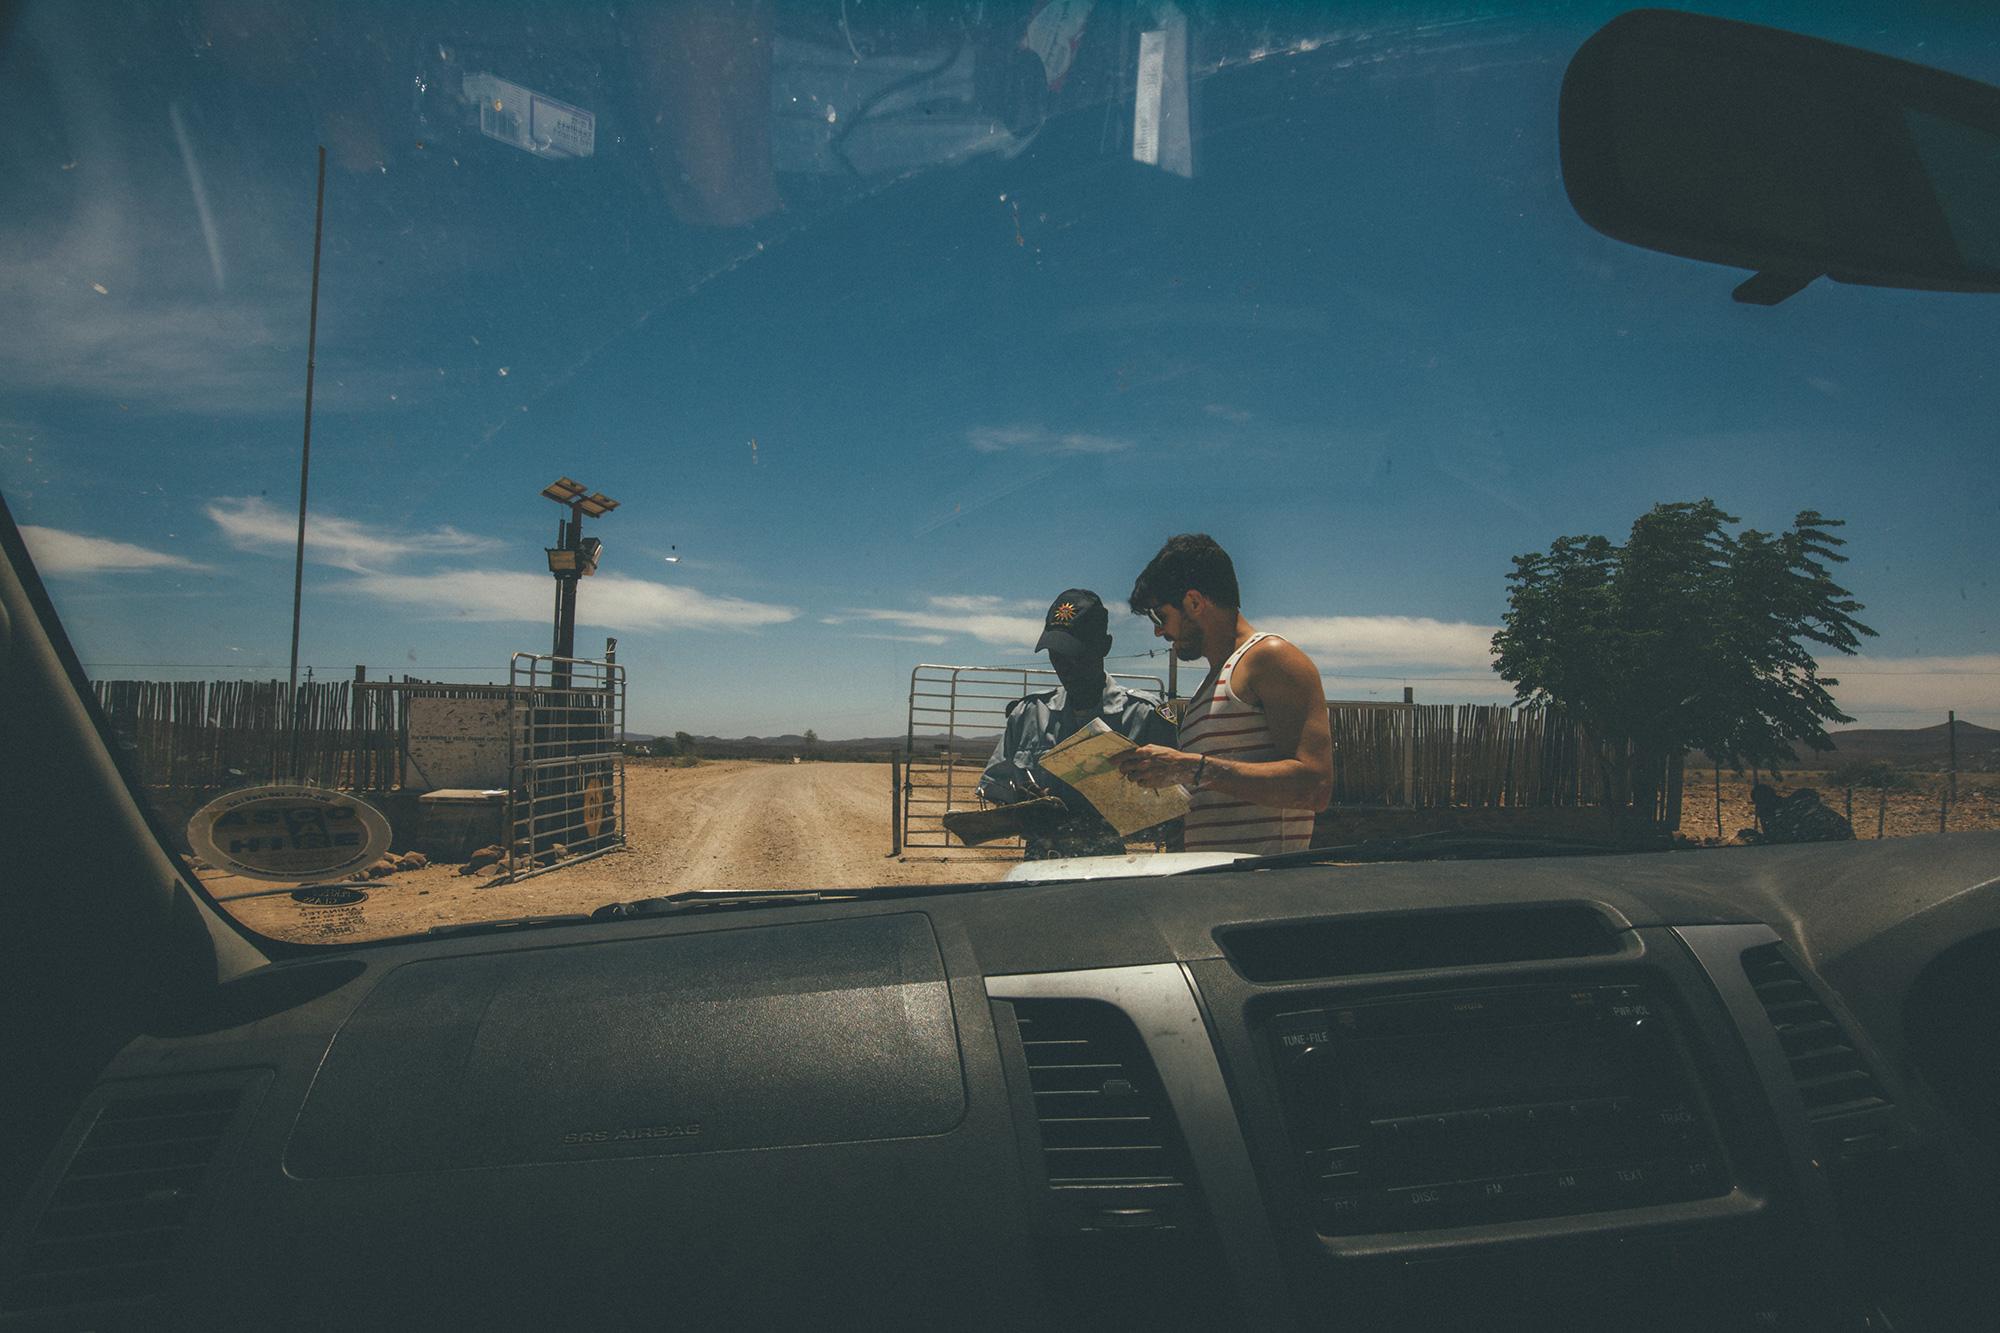 0037_Namibia_3601.jpg